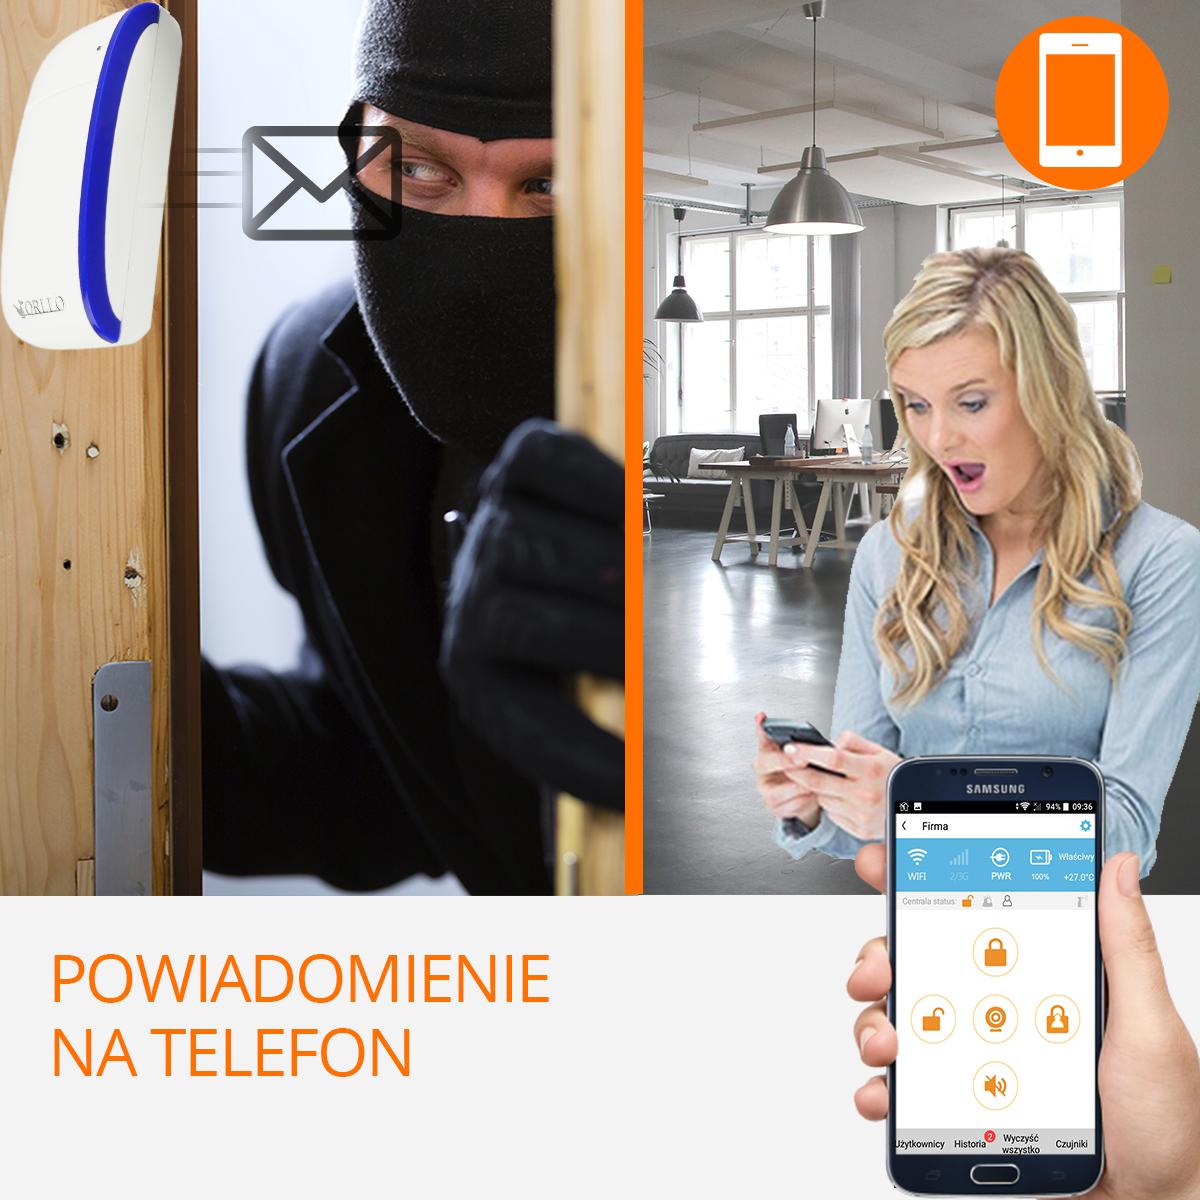 Centrala-alarmowa-czujnik-otwiertania-drzwi-alarm-telefon-orllo-pl